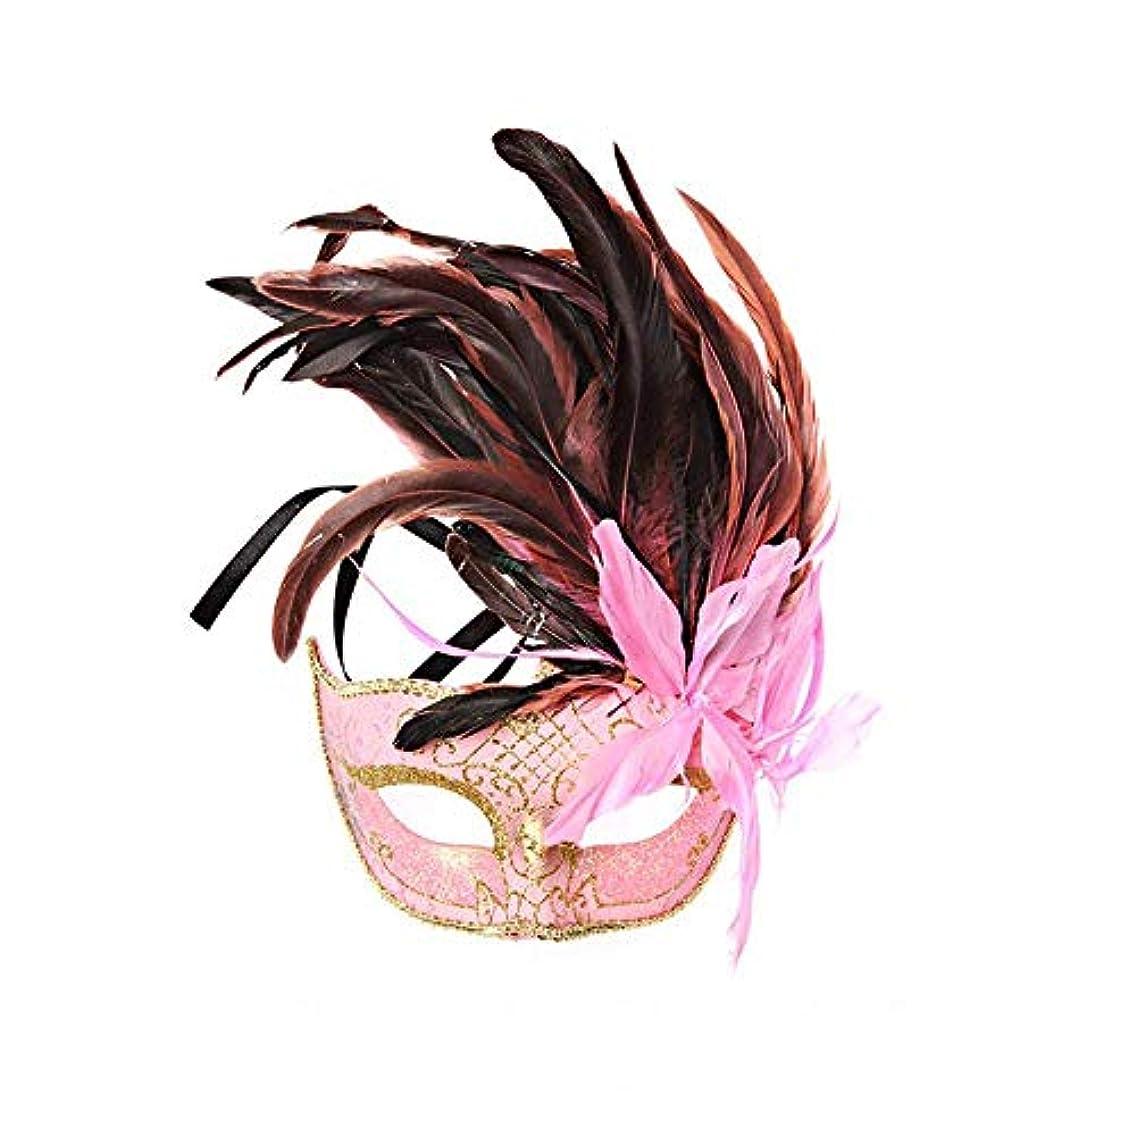 ムスきちんとした均等にNanle ハロウィンマスクハーフフェザーマスクベニスプリンセスマスク美容レース仮面ライダーコスプレ (色 : Style A pink)